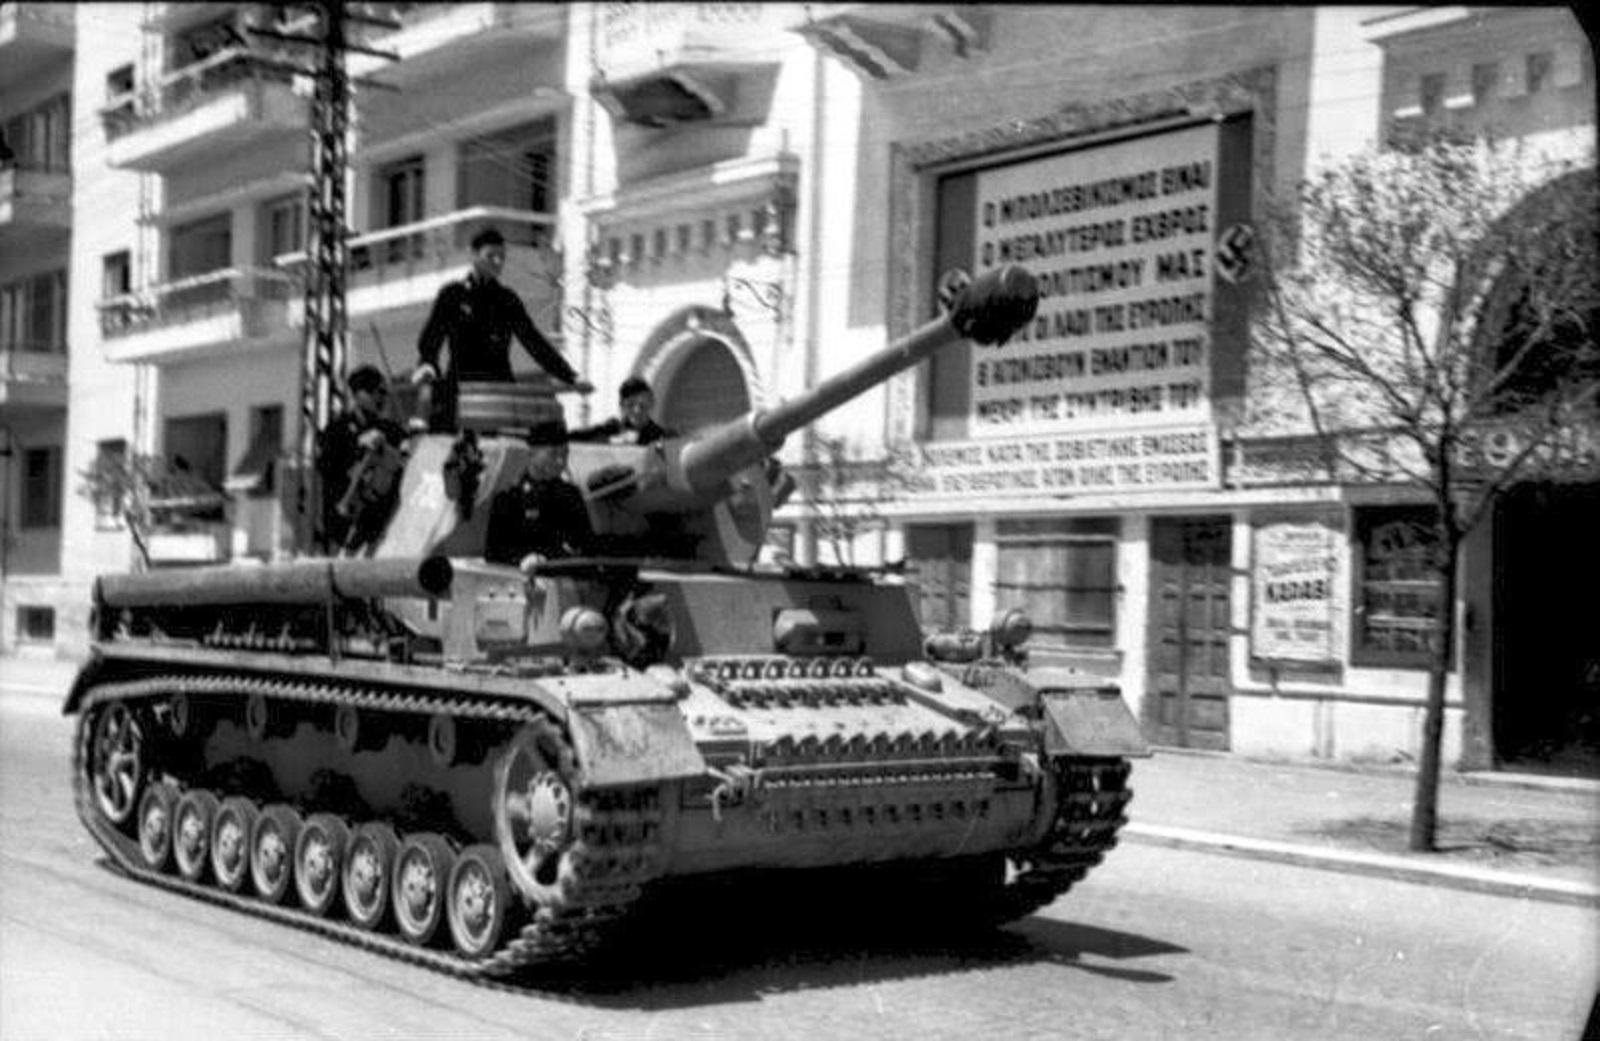 Bundesarchiv_Bild_101I-175-1267-12,_Griechenland,_Panzer_IV_in_Hafenstadt